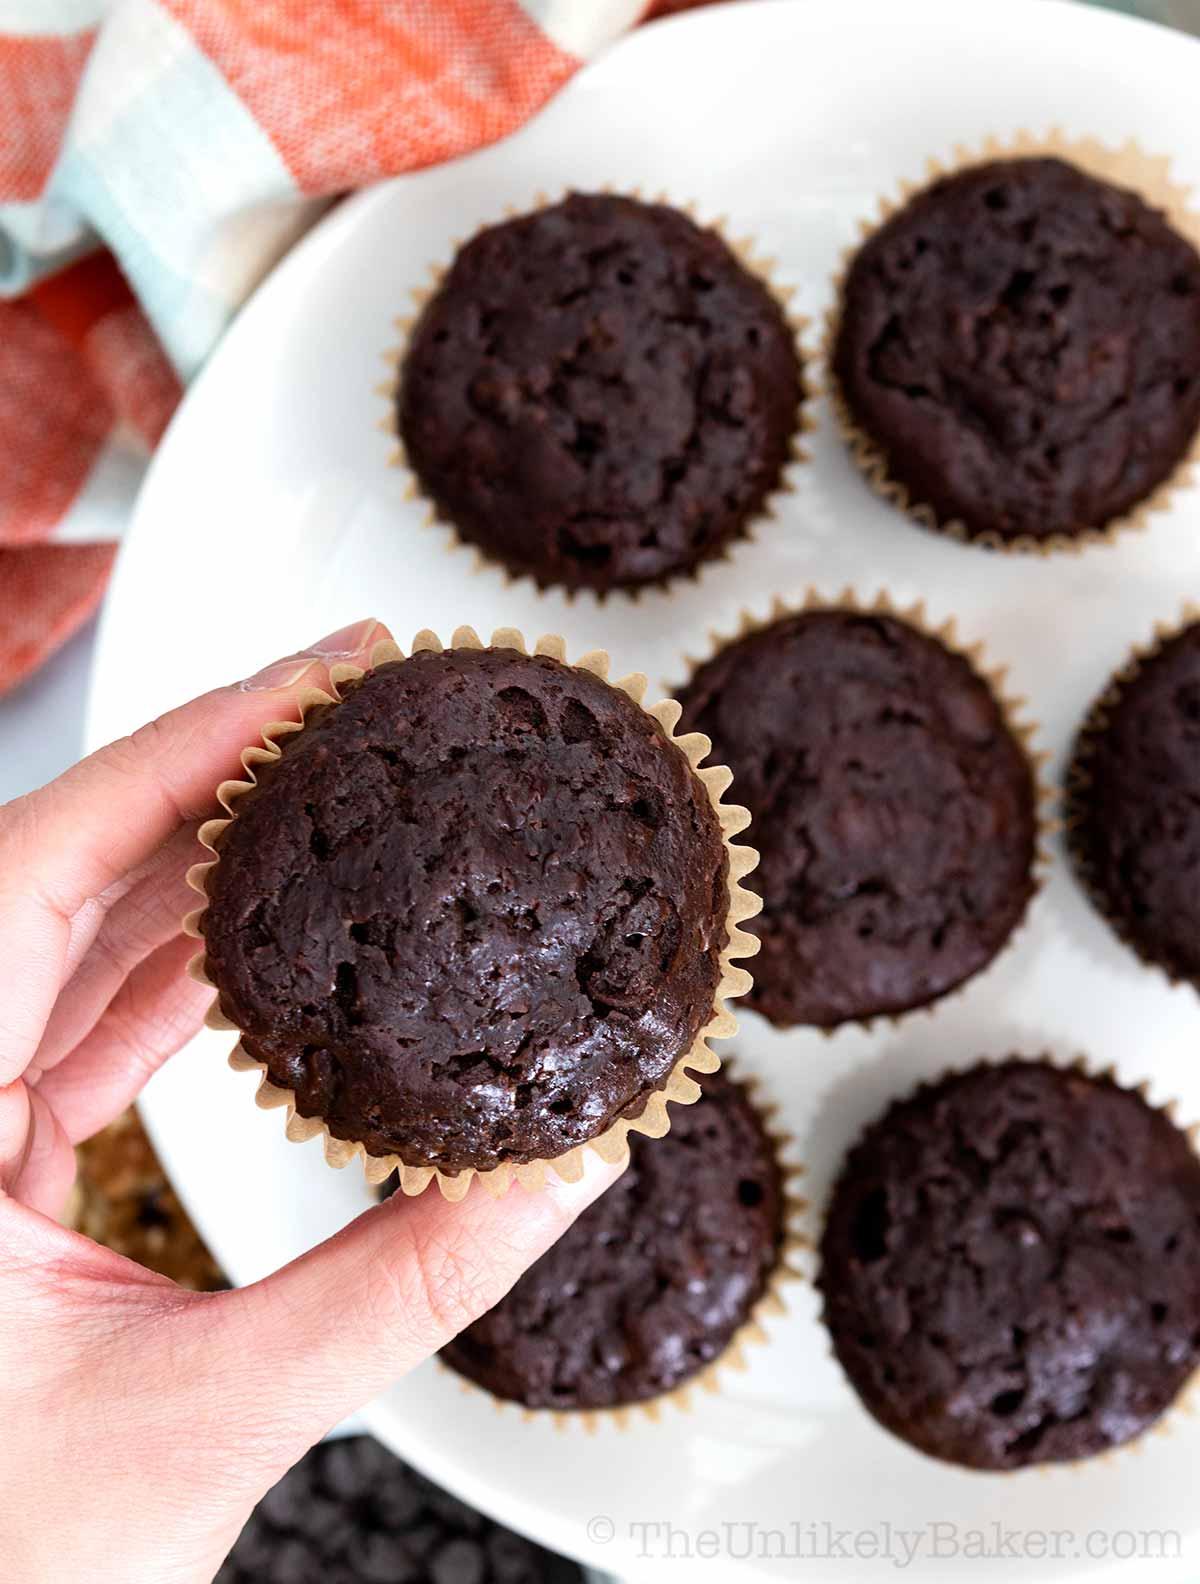 Chocolate Chip Ricotta Muffins